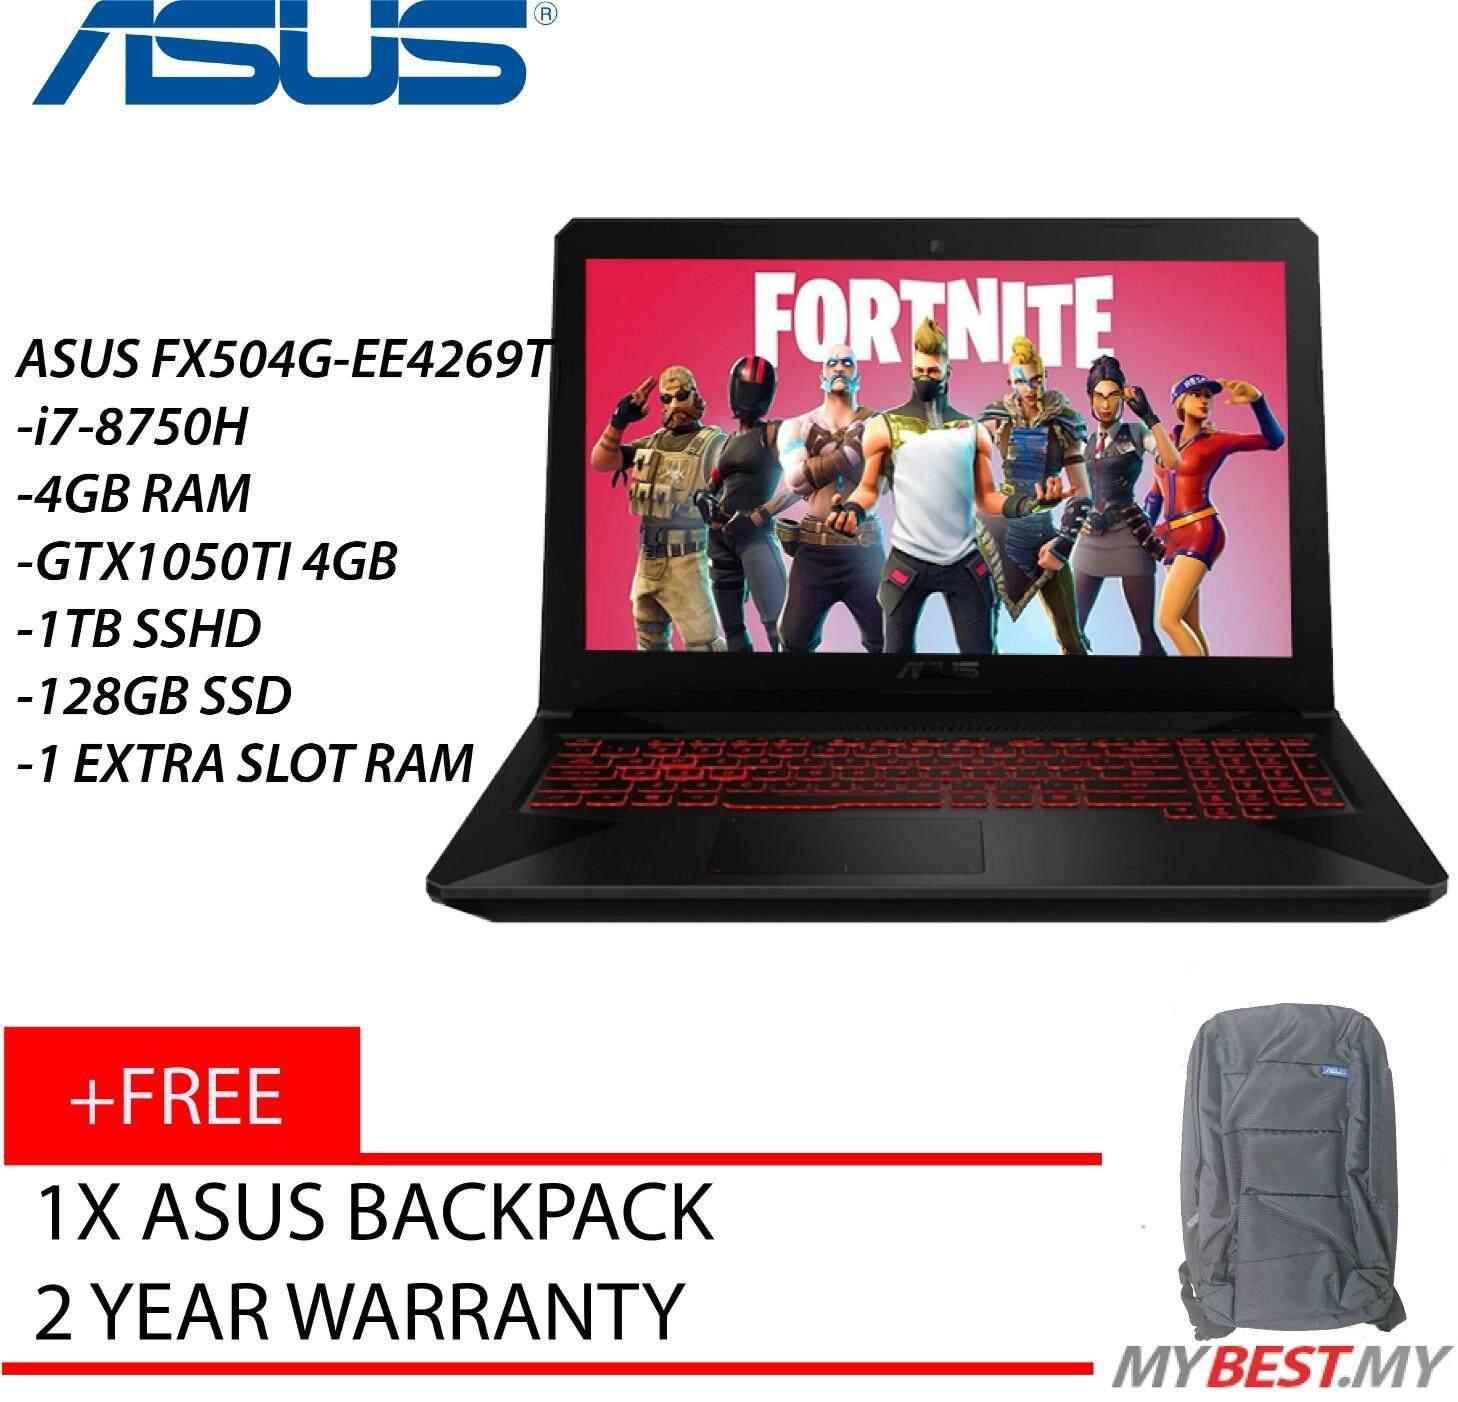 Asus TUF FX504G-EE4269T 15.6 FHD Gaming Laptop Premium Steel (I7-8750H, 4GB, 1TB+128GB, GTX1050Ti 4GB, W10) Malaysia